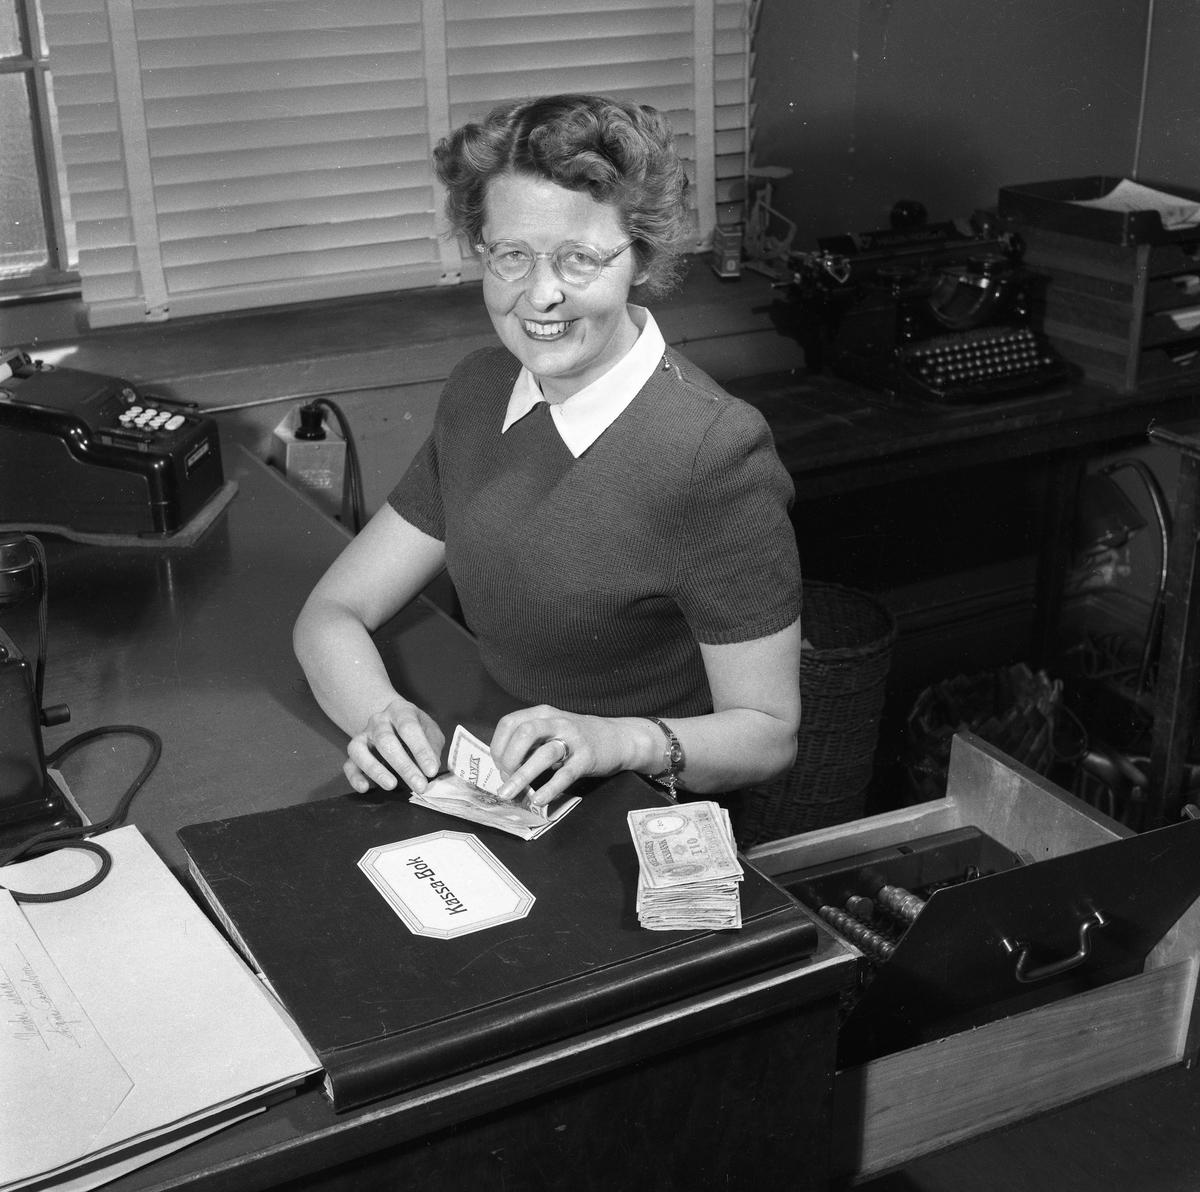 Arboga Tidning, personal och interiör. En kvinna sitter vid skrivbordet och räknar hundralappar. Bredvid henne ligger en bunt tiokronorssedlar. I den utdragna skrivbordslådan syns mynt i rader. På skrivbordet ligger en stor kassabok. Där finns också en telefon och en räknemaskin. På ett bord, bakom henne, står en skrivmaskin. Persiennen är neddragen för fönstret.